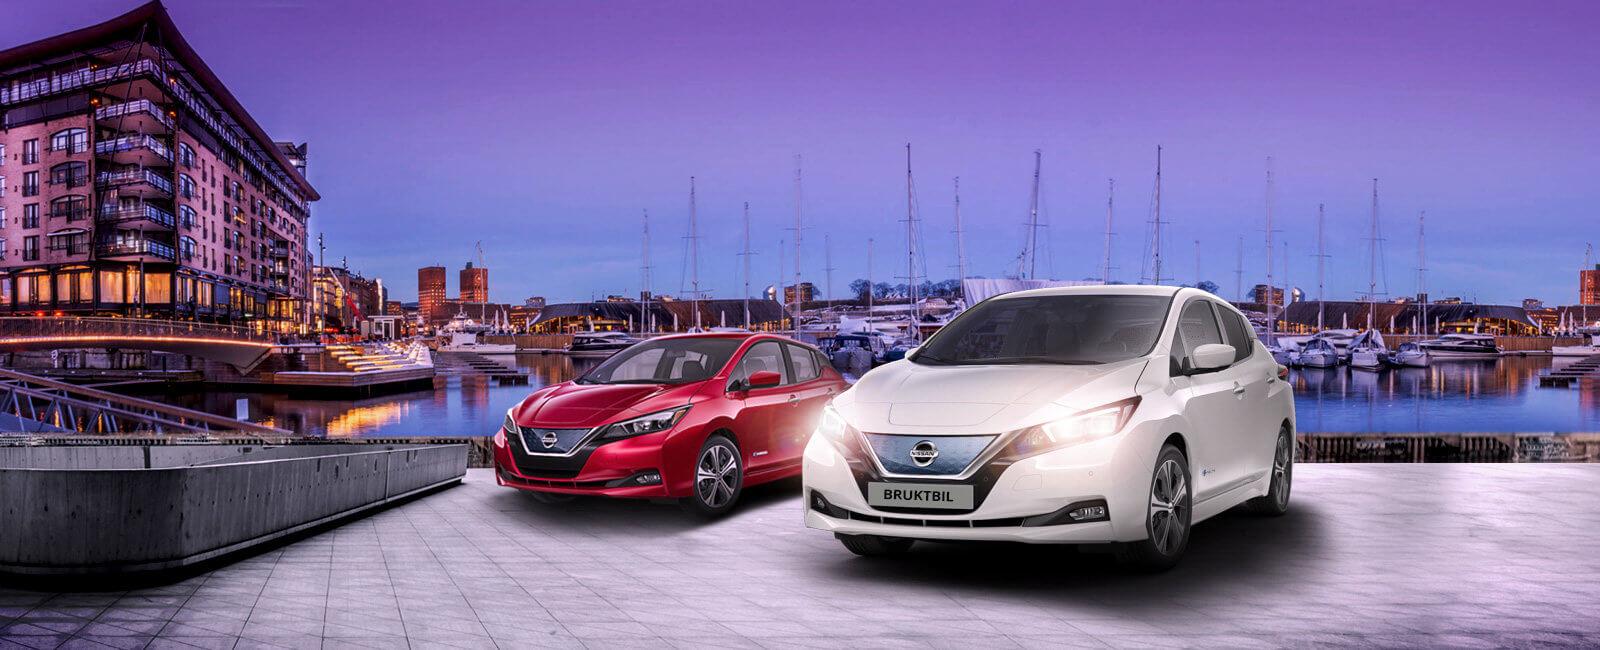 Nissan Leaf bruktbiler